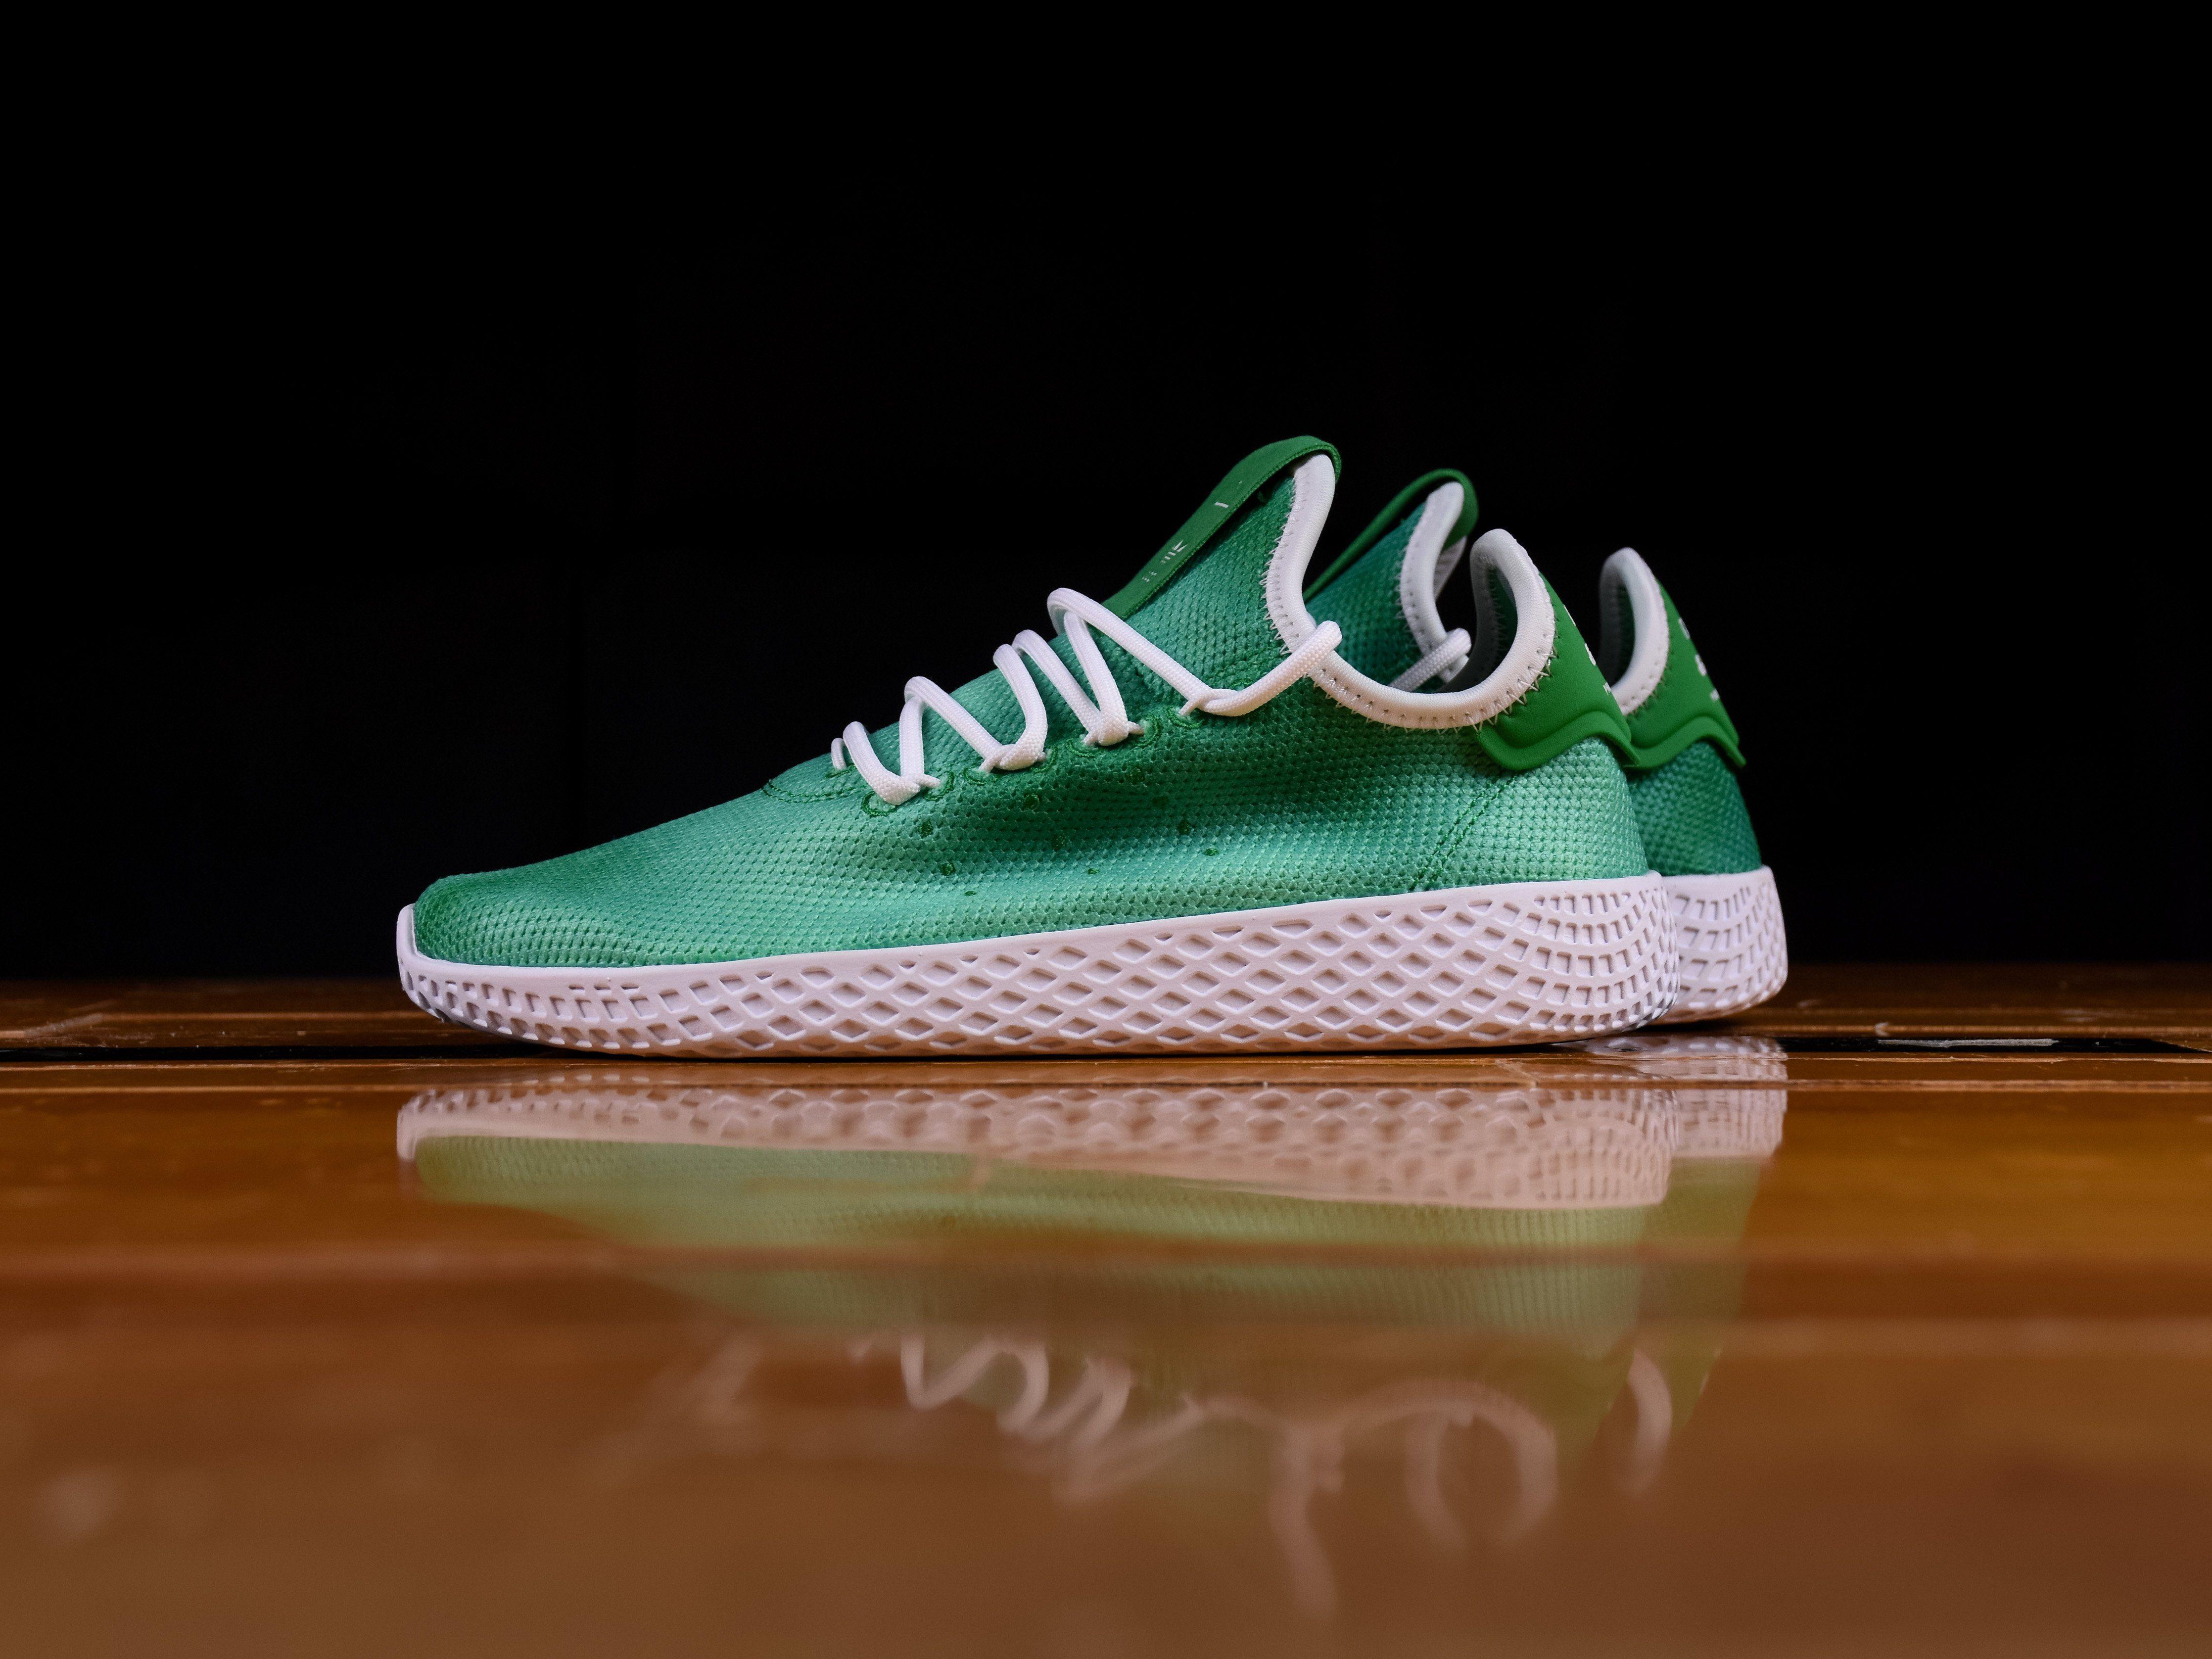 09b5f7f6c7e92 Kid s Pharrell Williams X Adidas Tennis HU  AP9964